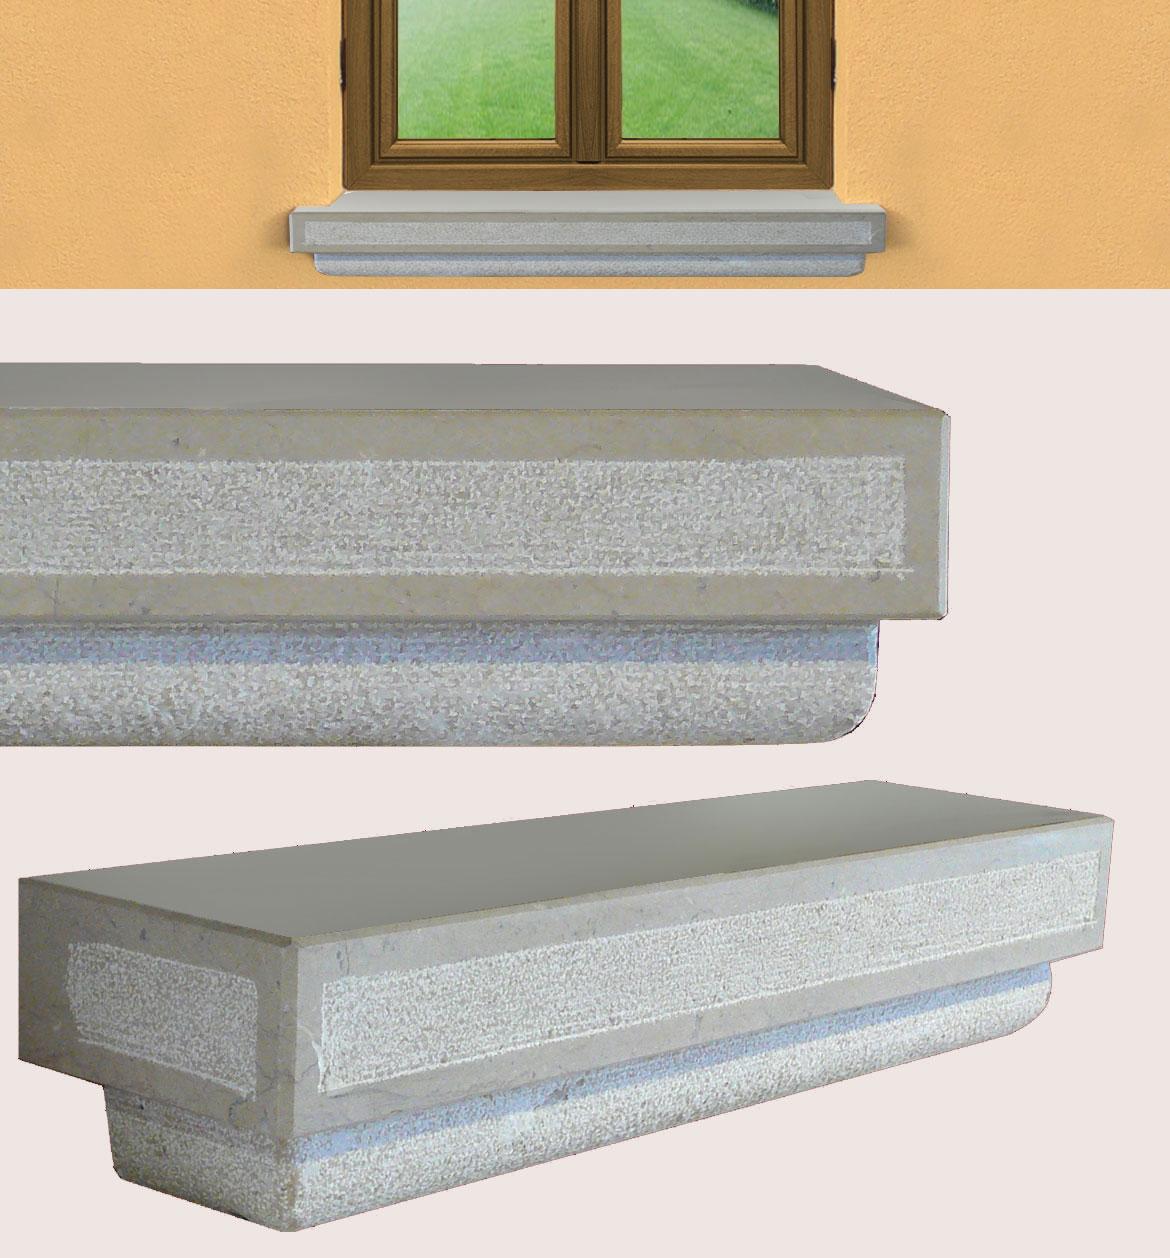 Realizzazione davanzali finestre in provincia di venezia - Davanzale interno finestra ...